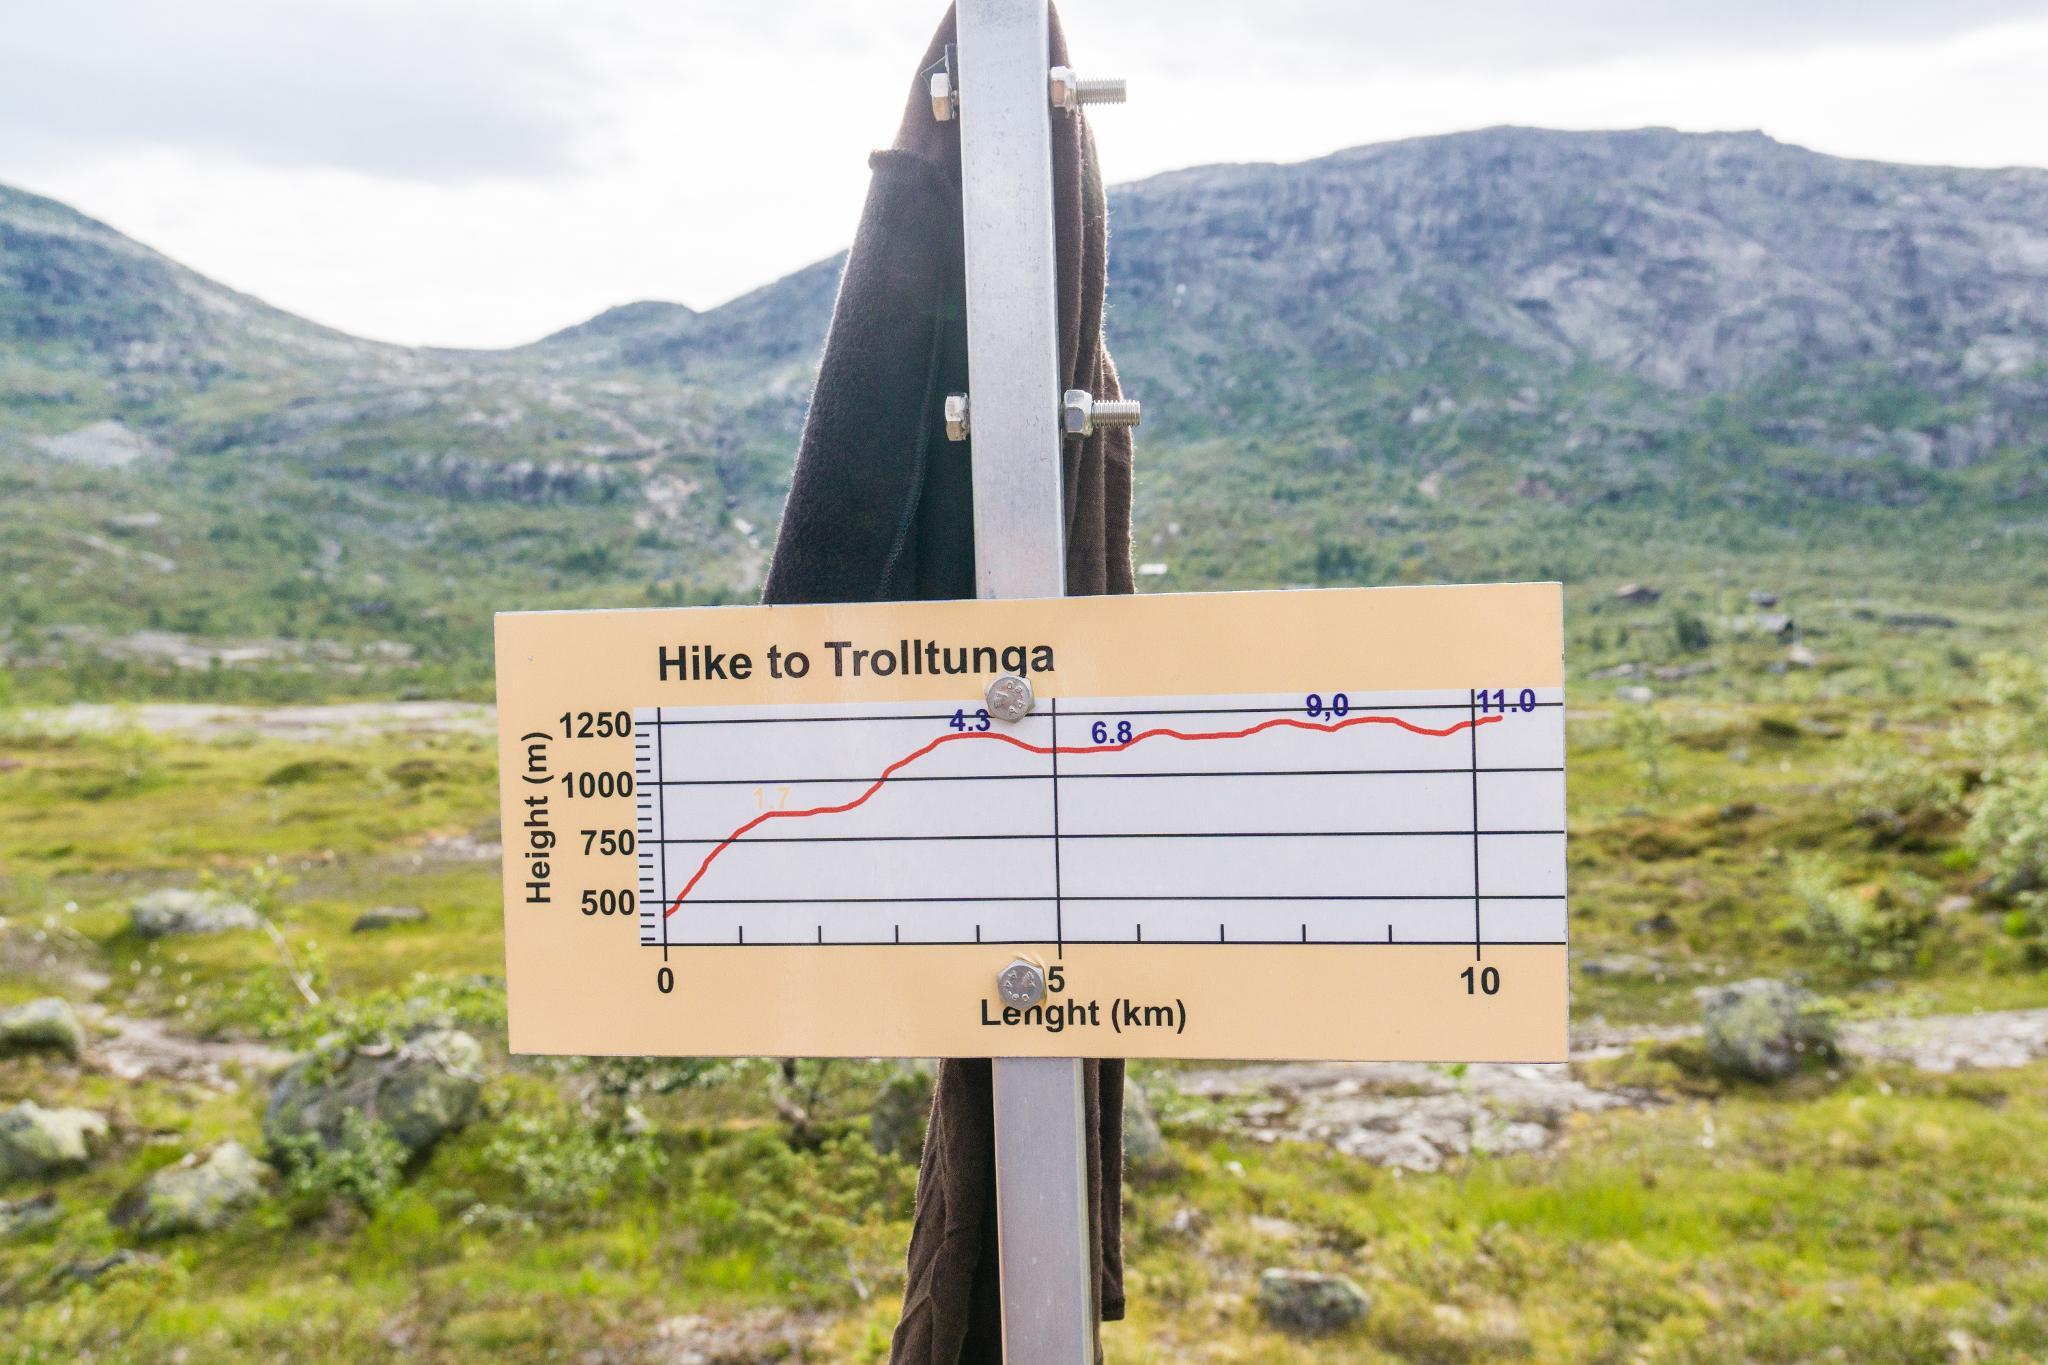 【北歐景點】挪威惡魔之舌 Trolltunga — 28公里健行挑戰全攻略 185